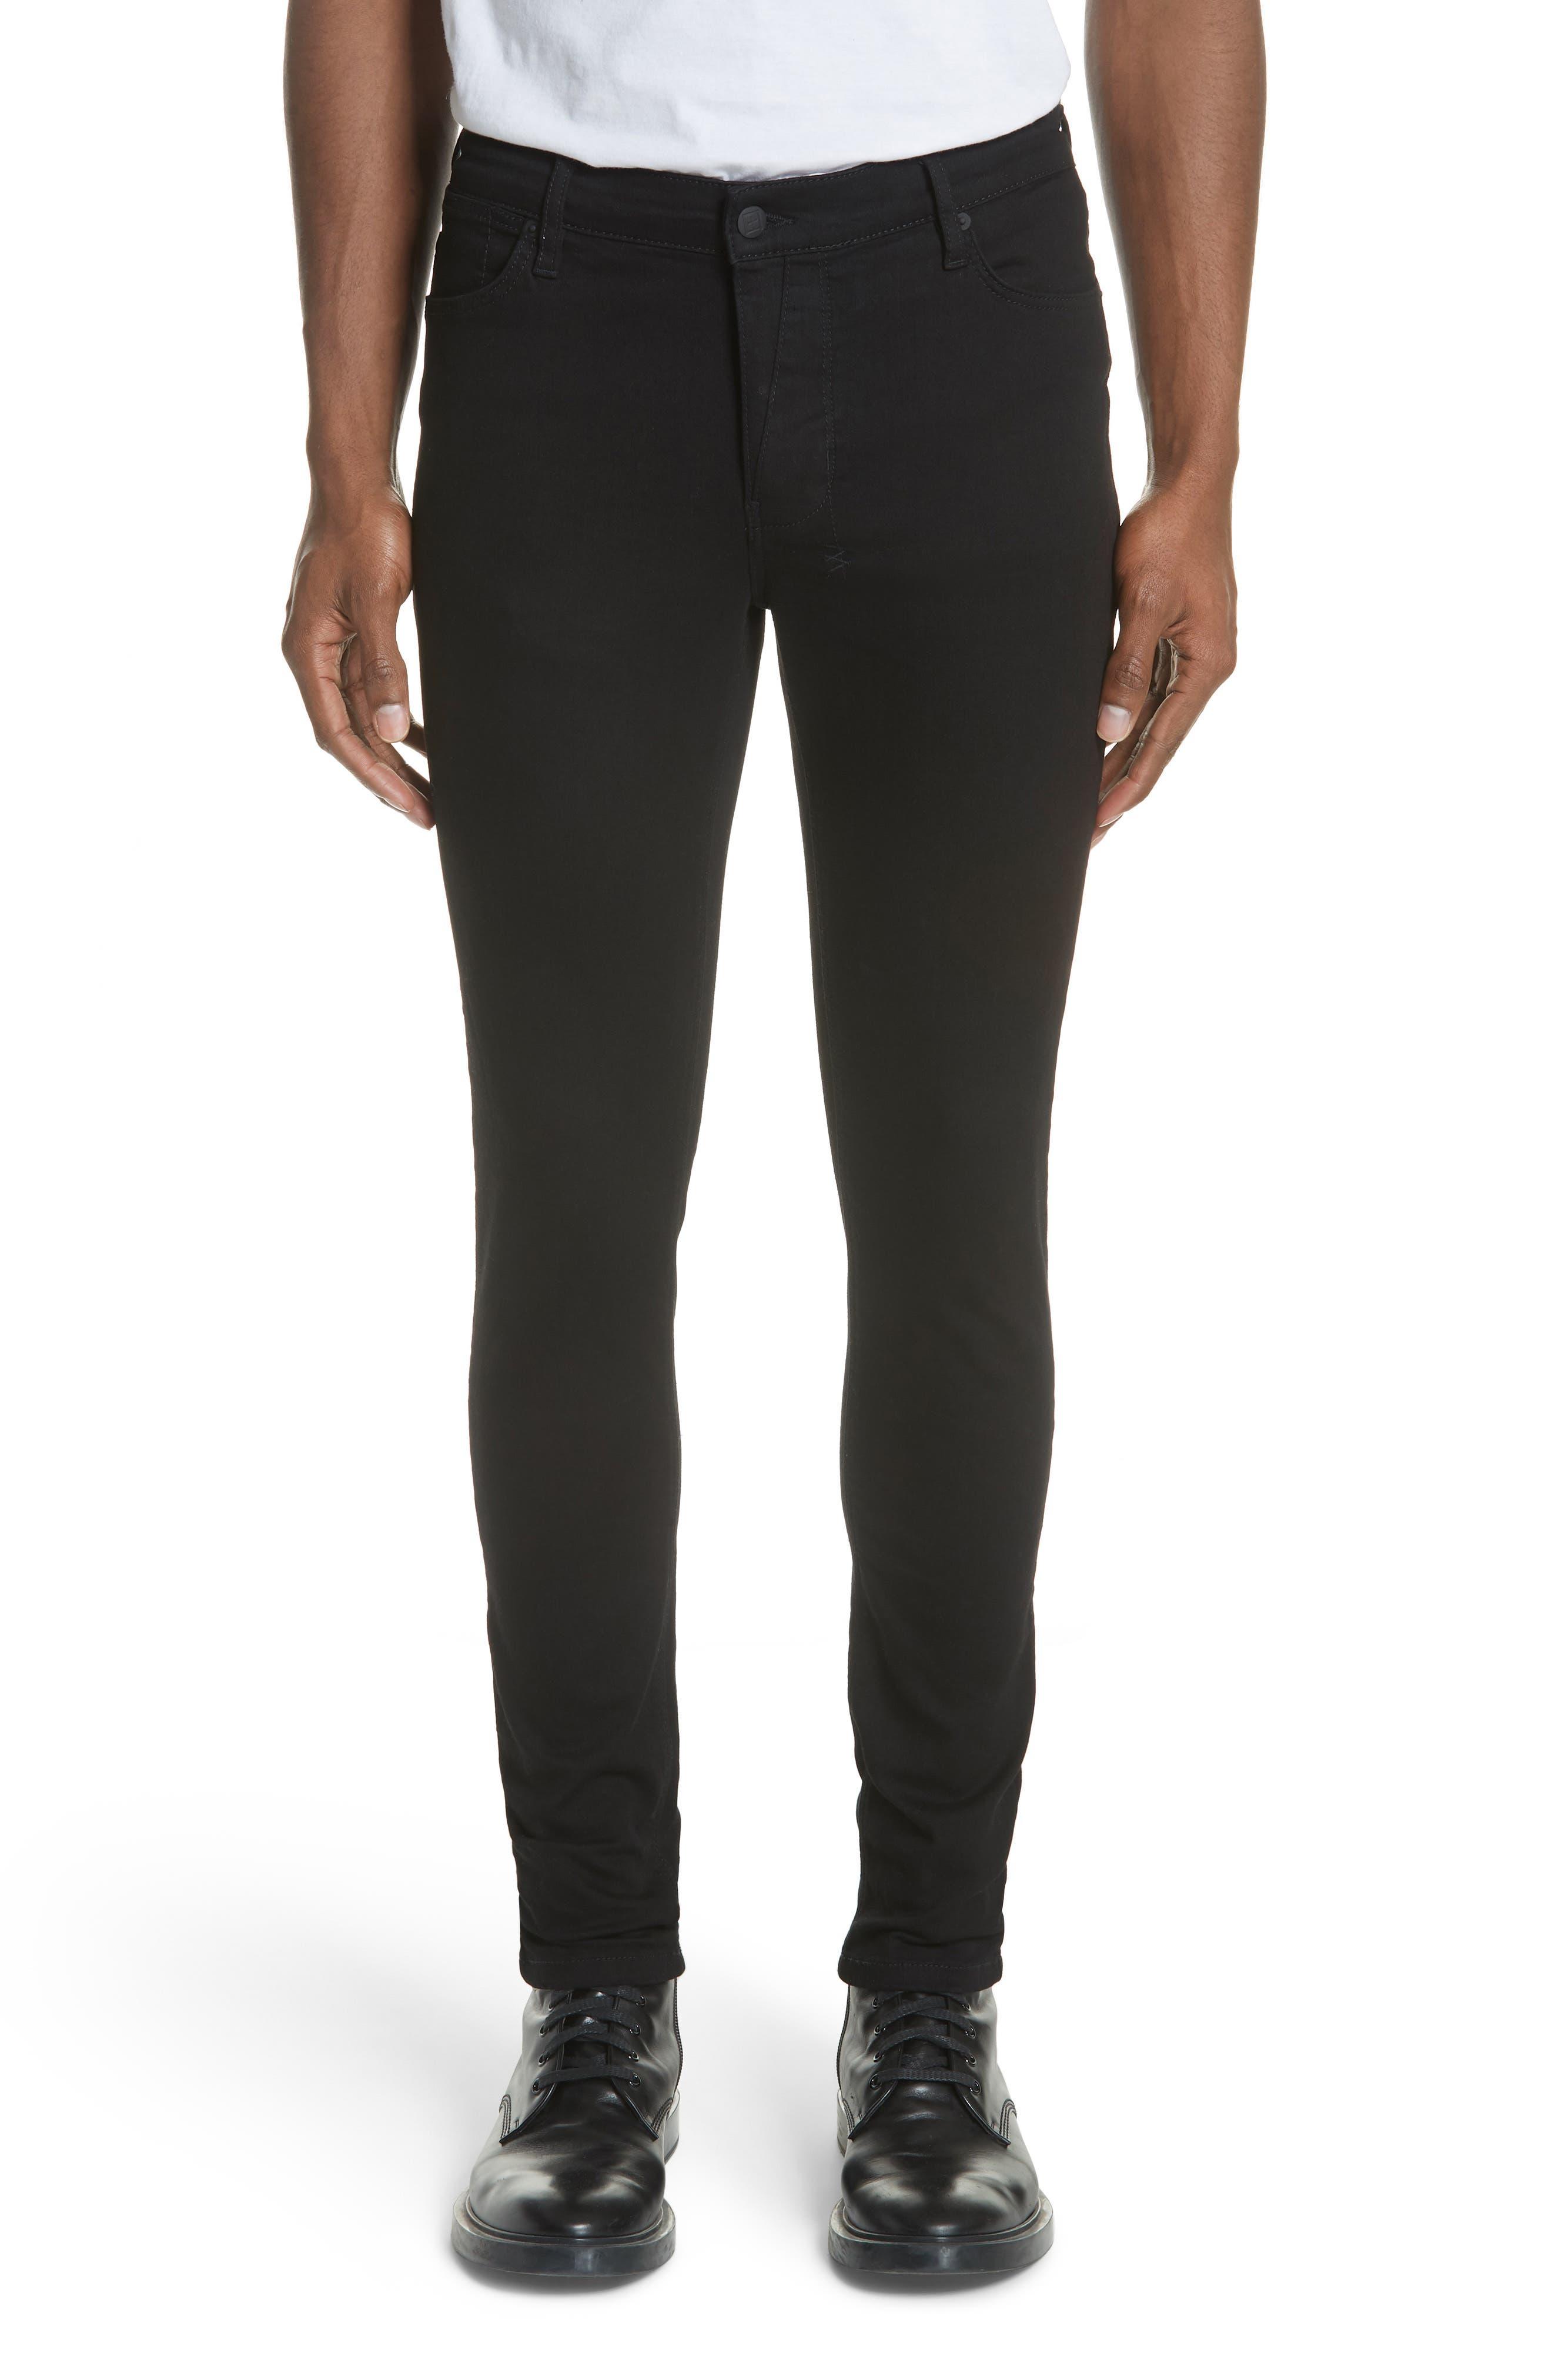 Van Winkle Black Rebel Skinny Fit Jeans,                         Main,                         color, Black